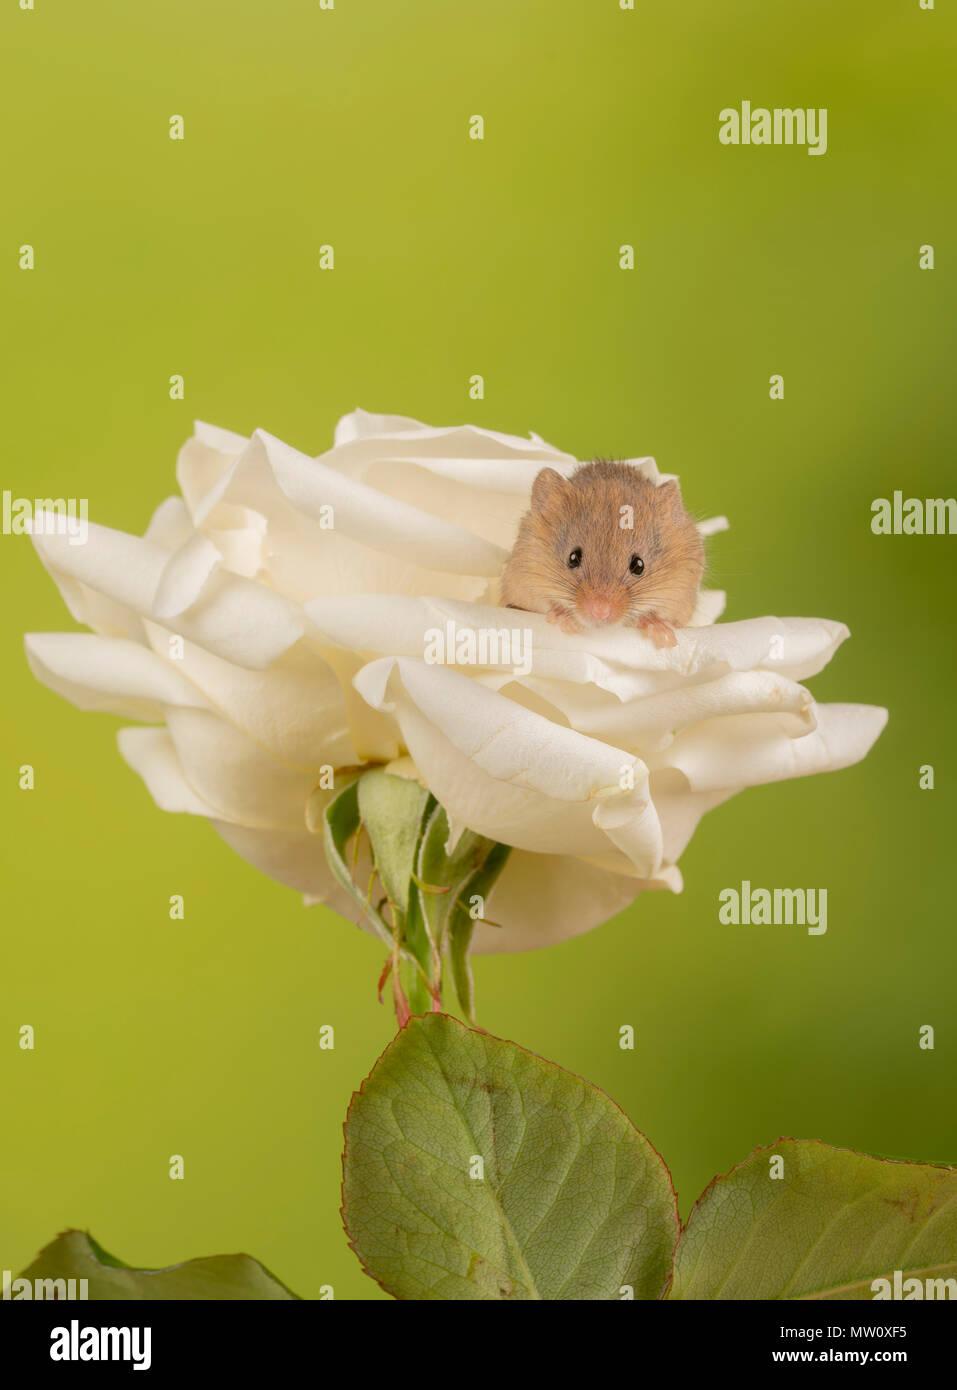 Ernte Maus macht es sich bequem auf eine Rose Stockfoto